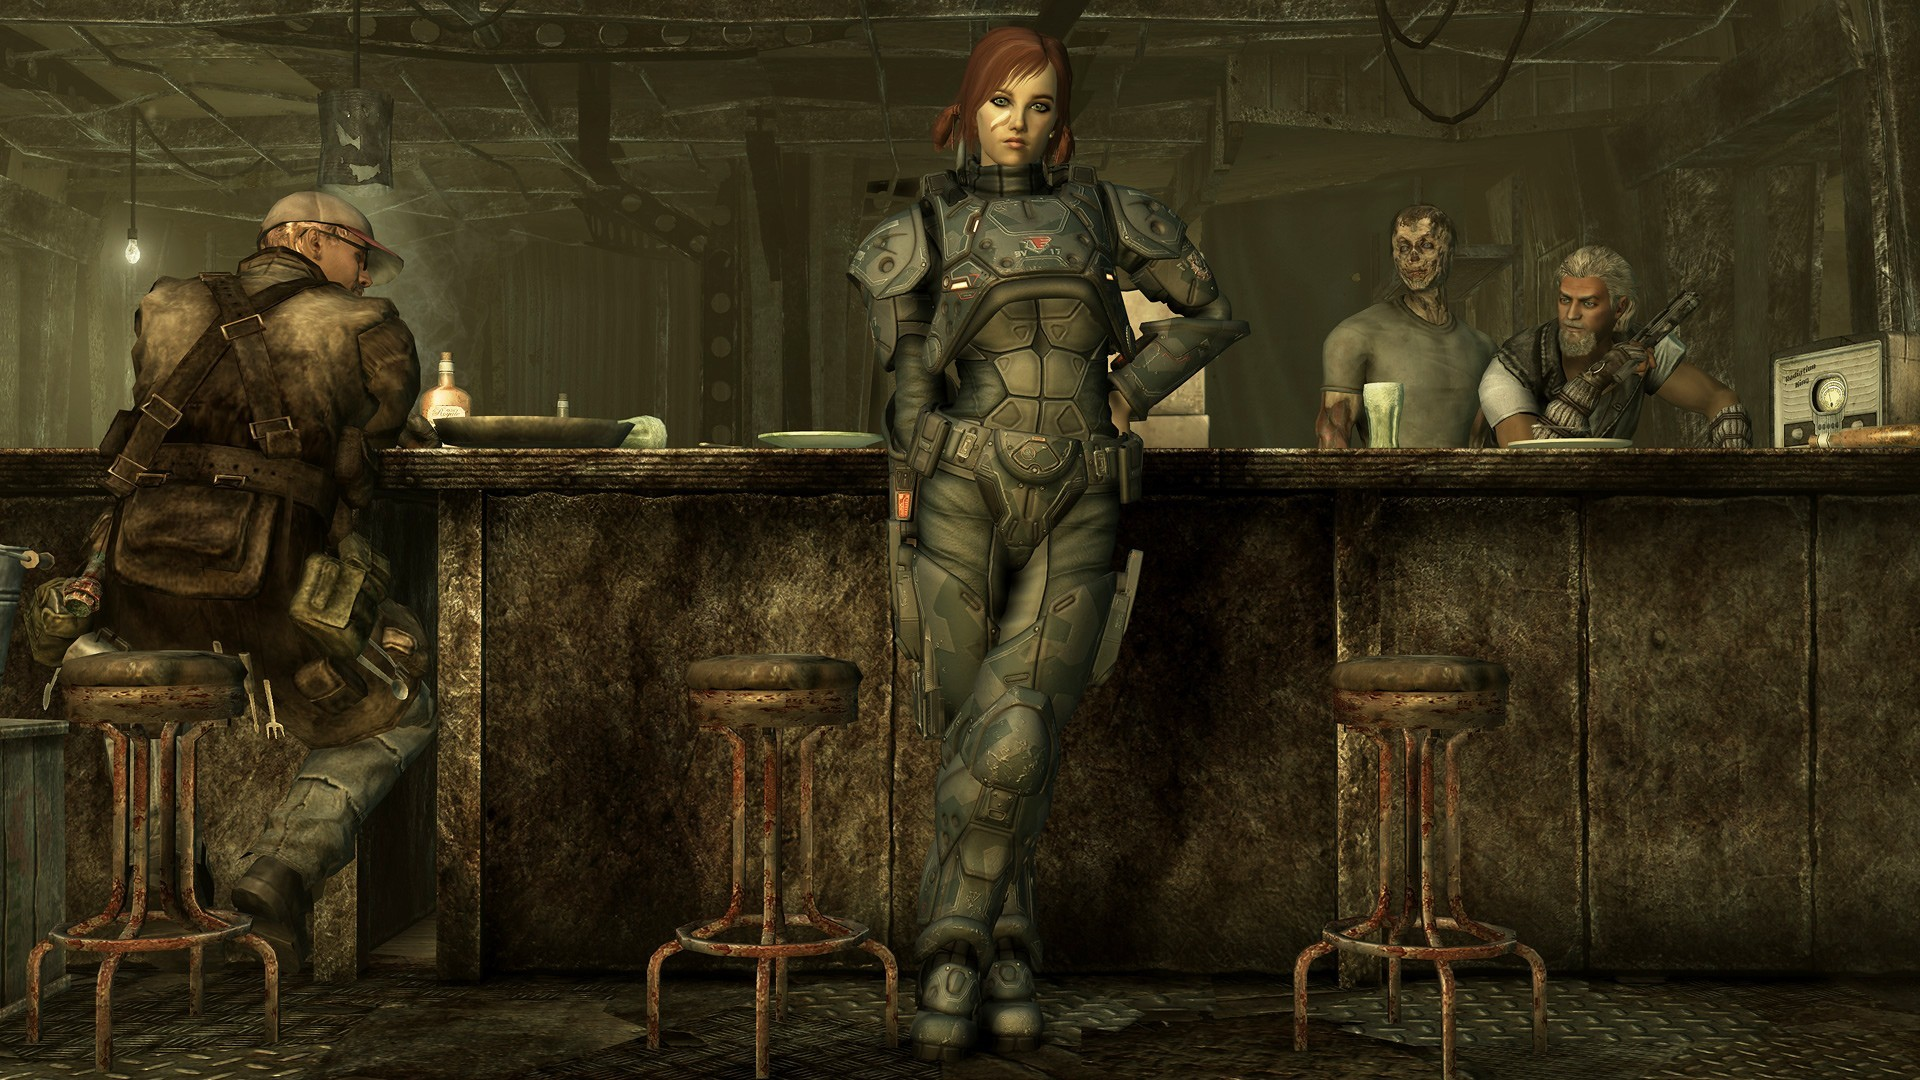 Fallout 3 wallpaper 15477 1920x1080